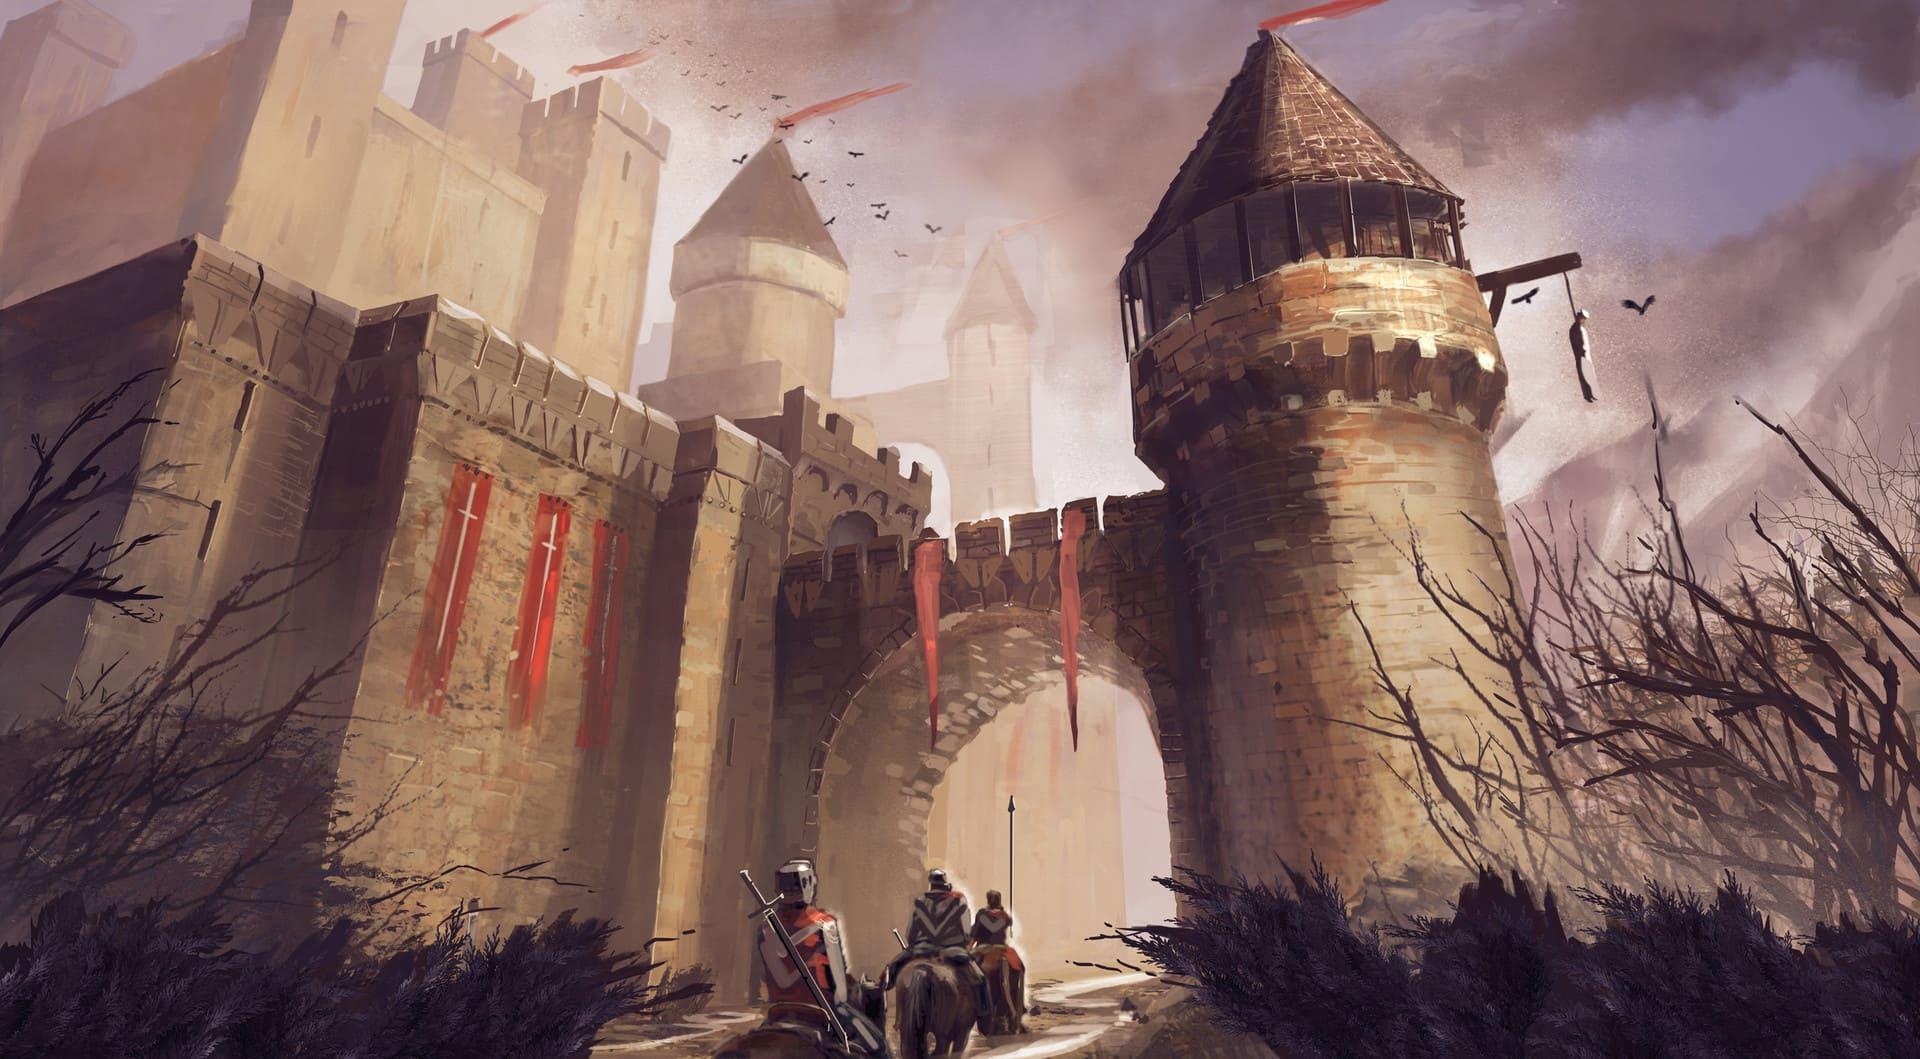 Доставить сокровища требовалось в замок, возводимый в землях ВКЛ